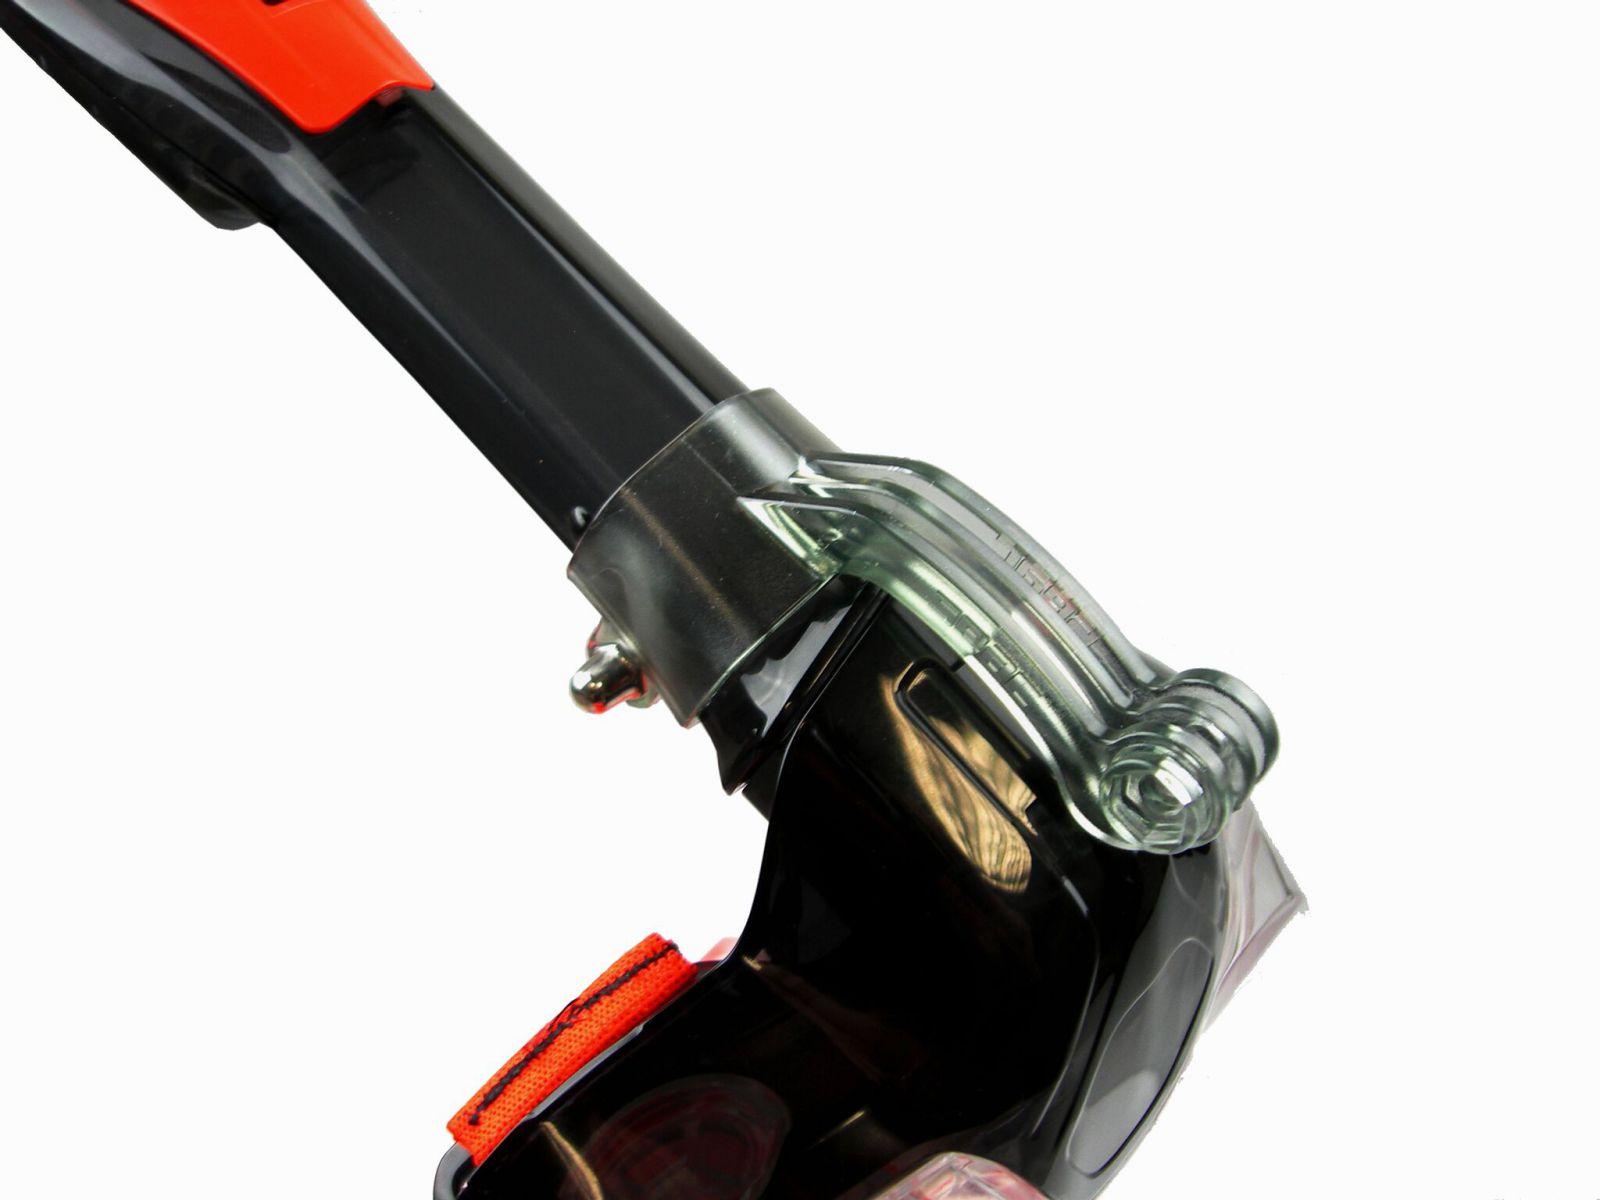 Praktický držák na celoobličejovou masku UNICA pro GoPro kameru - GoPro3 SEAC SUB